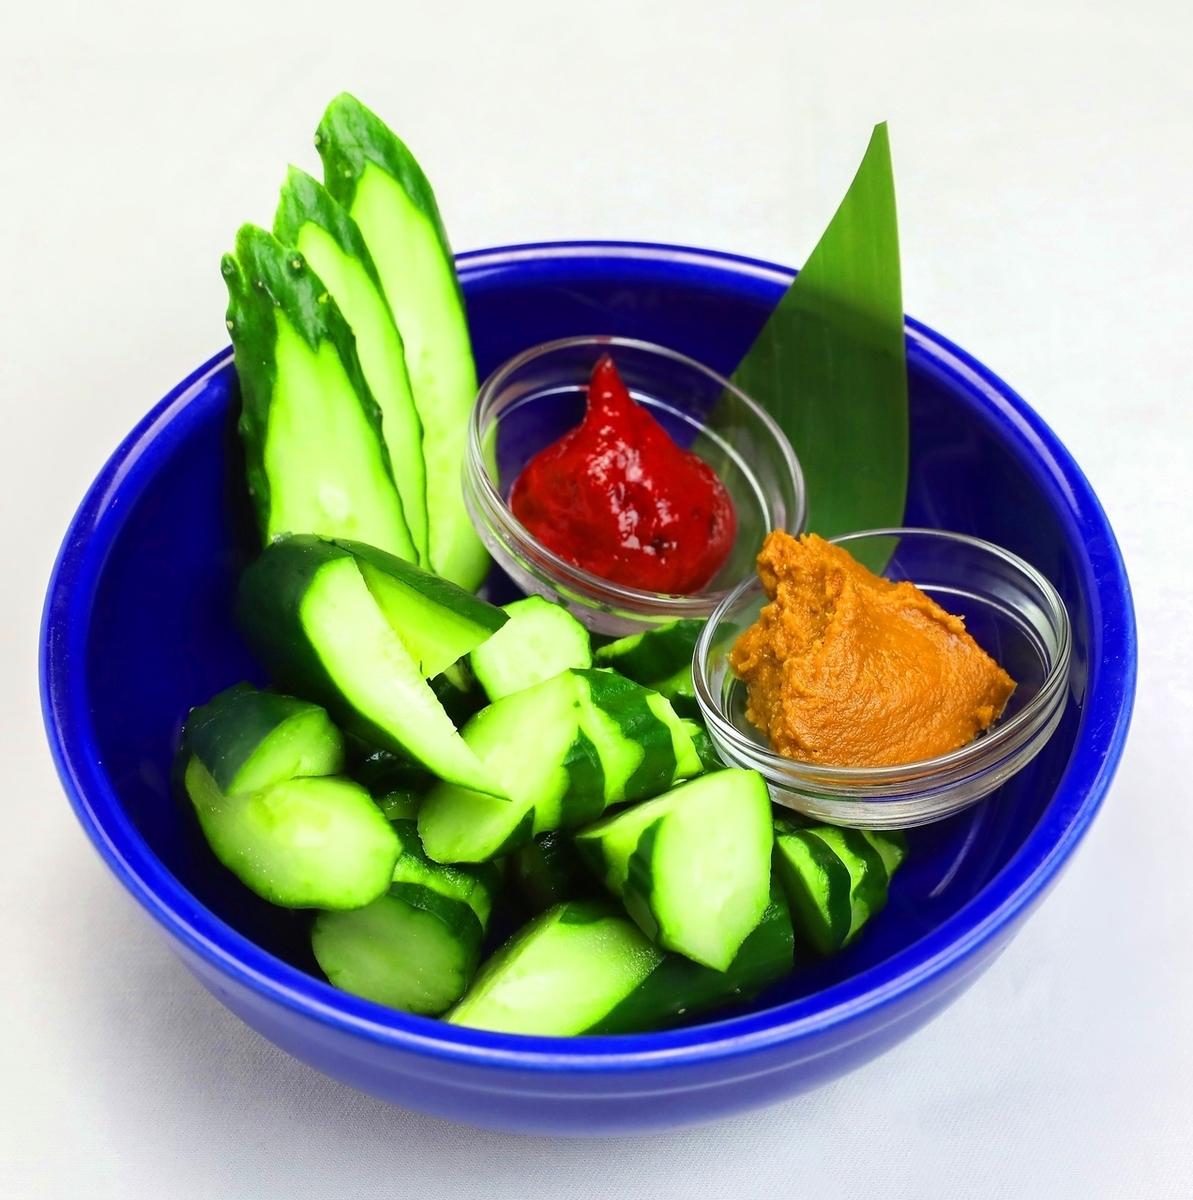 胡瓜の即菜~もろQ、梅Q、塩だれ胡瓜~